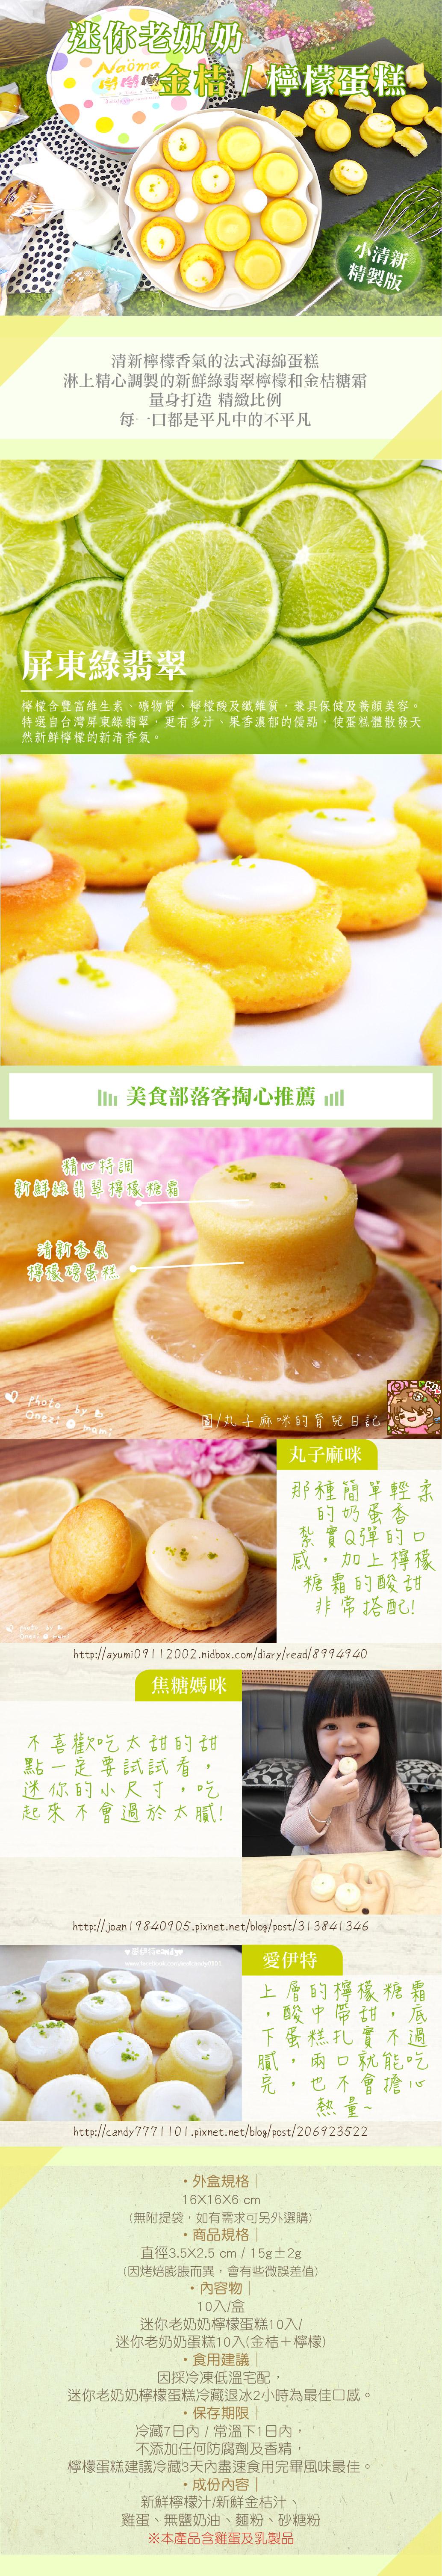 ez_老奶奶金桔檸檬